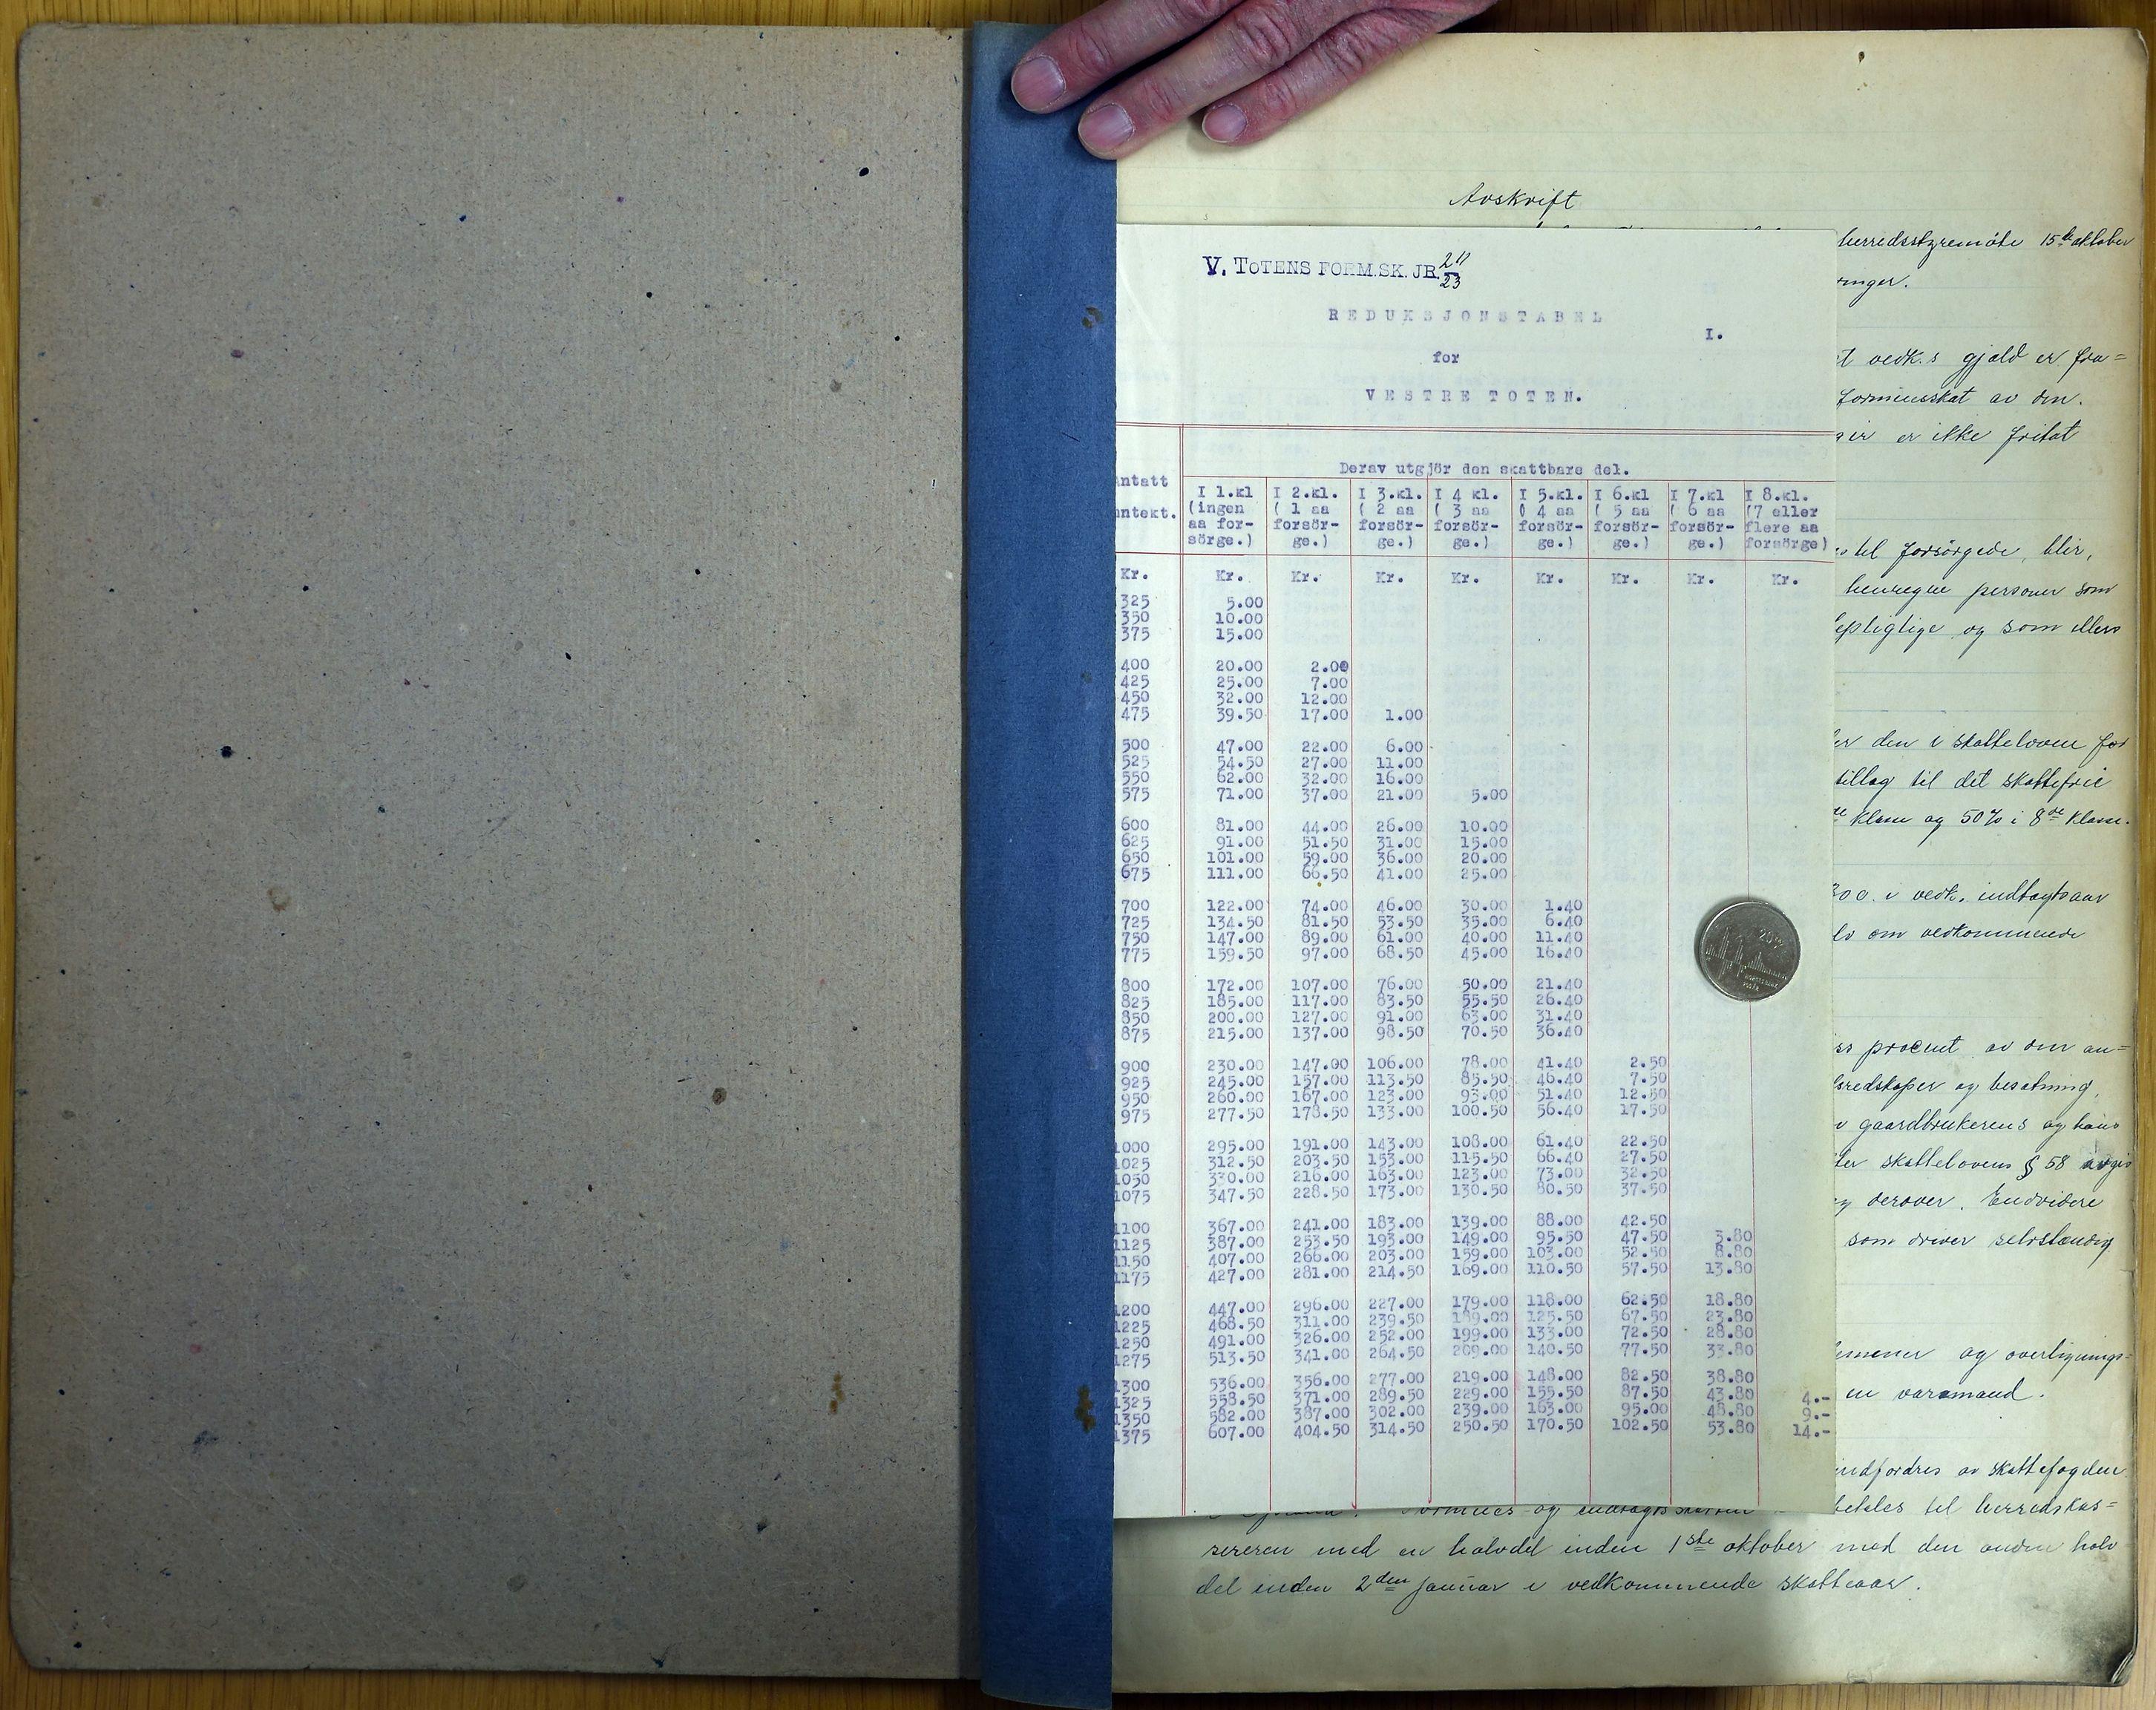 KVT, Vestre Toten kommunearkiv: Vestre Toten kommune, Avskrift av ligningsprotokollen for budsjettåret 1923-1924 i Vestre Toten skattedistrikt, 1923-1924